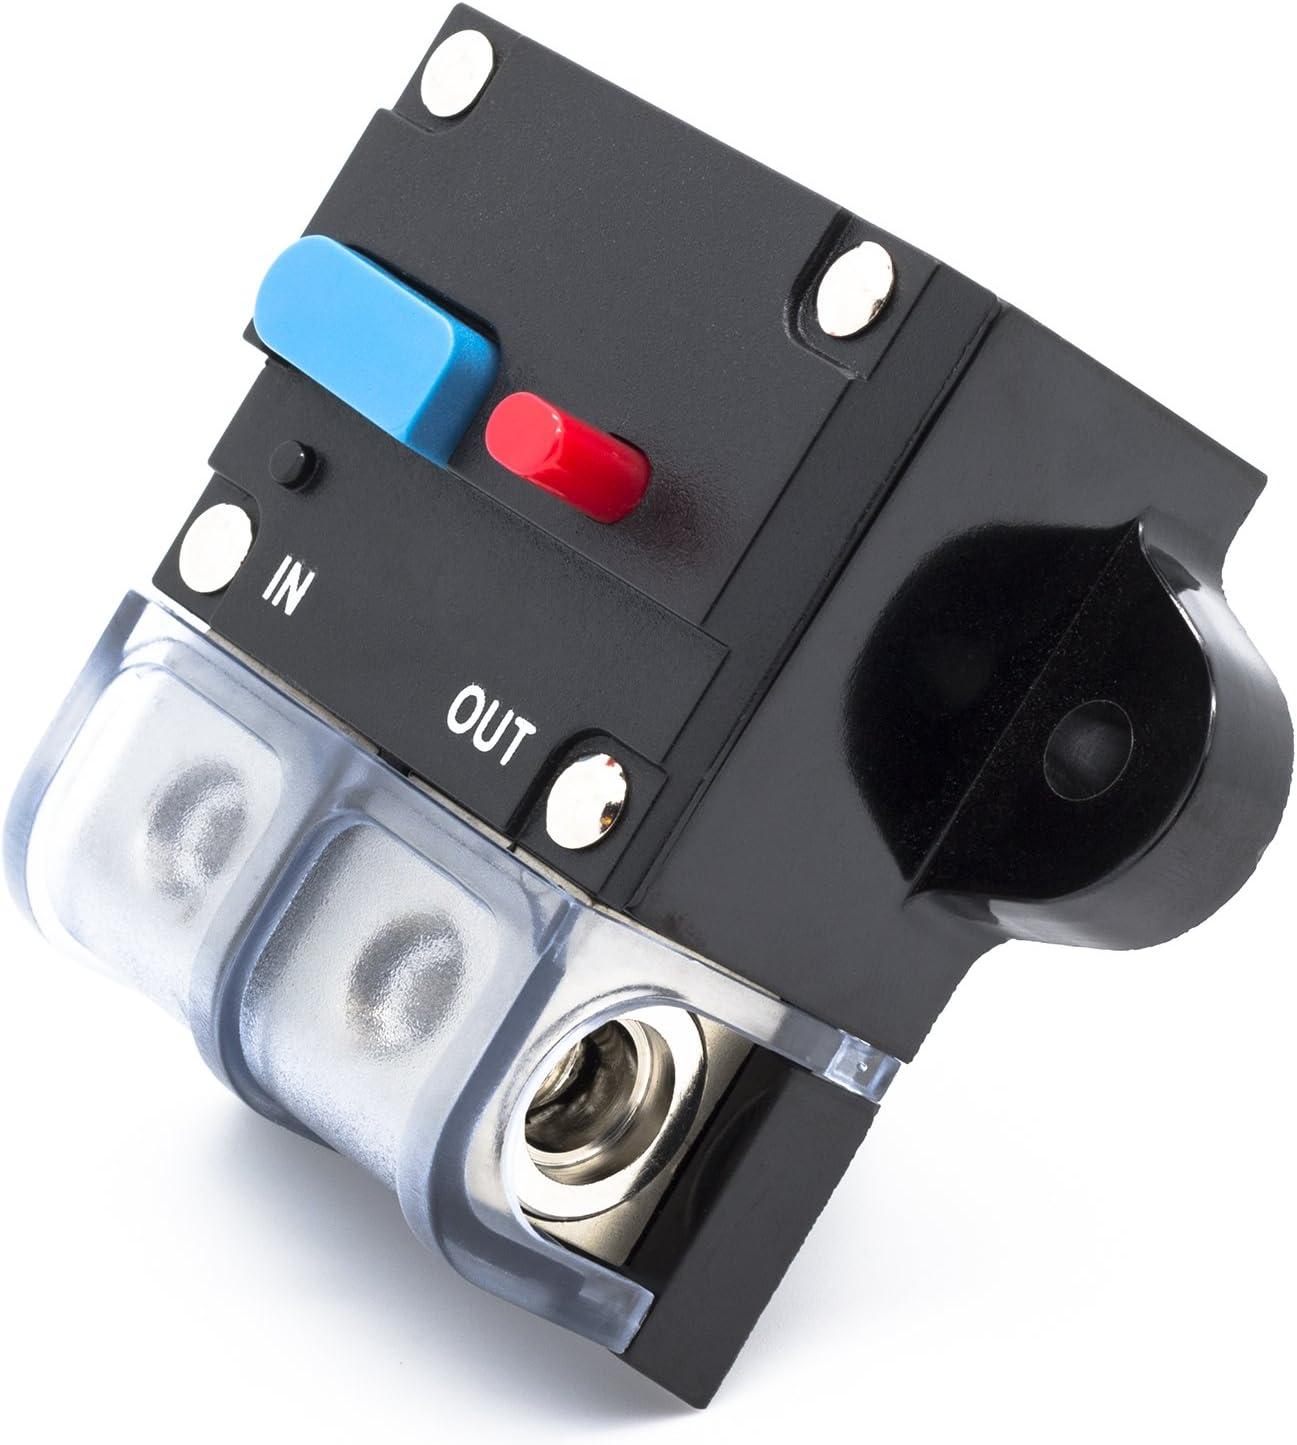 24 V Spritzwasserschutz f/ür Auto Boot Motorrad usw Adapter Universe 100 A Automatische Sicherung Automatik Schalter 12 V